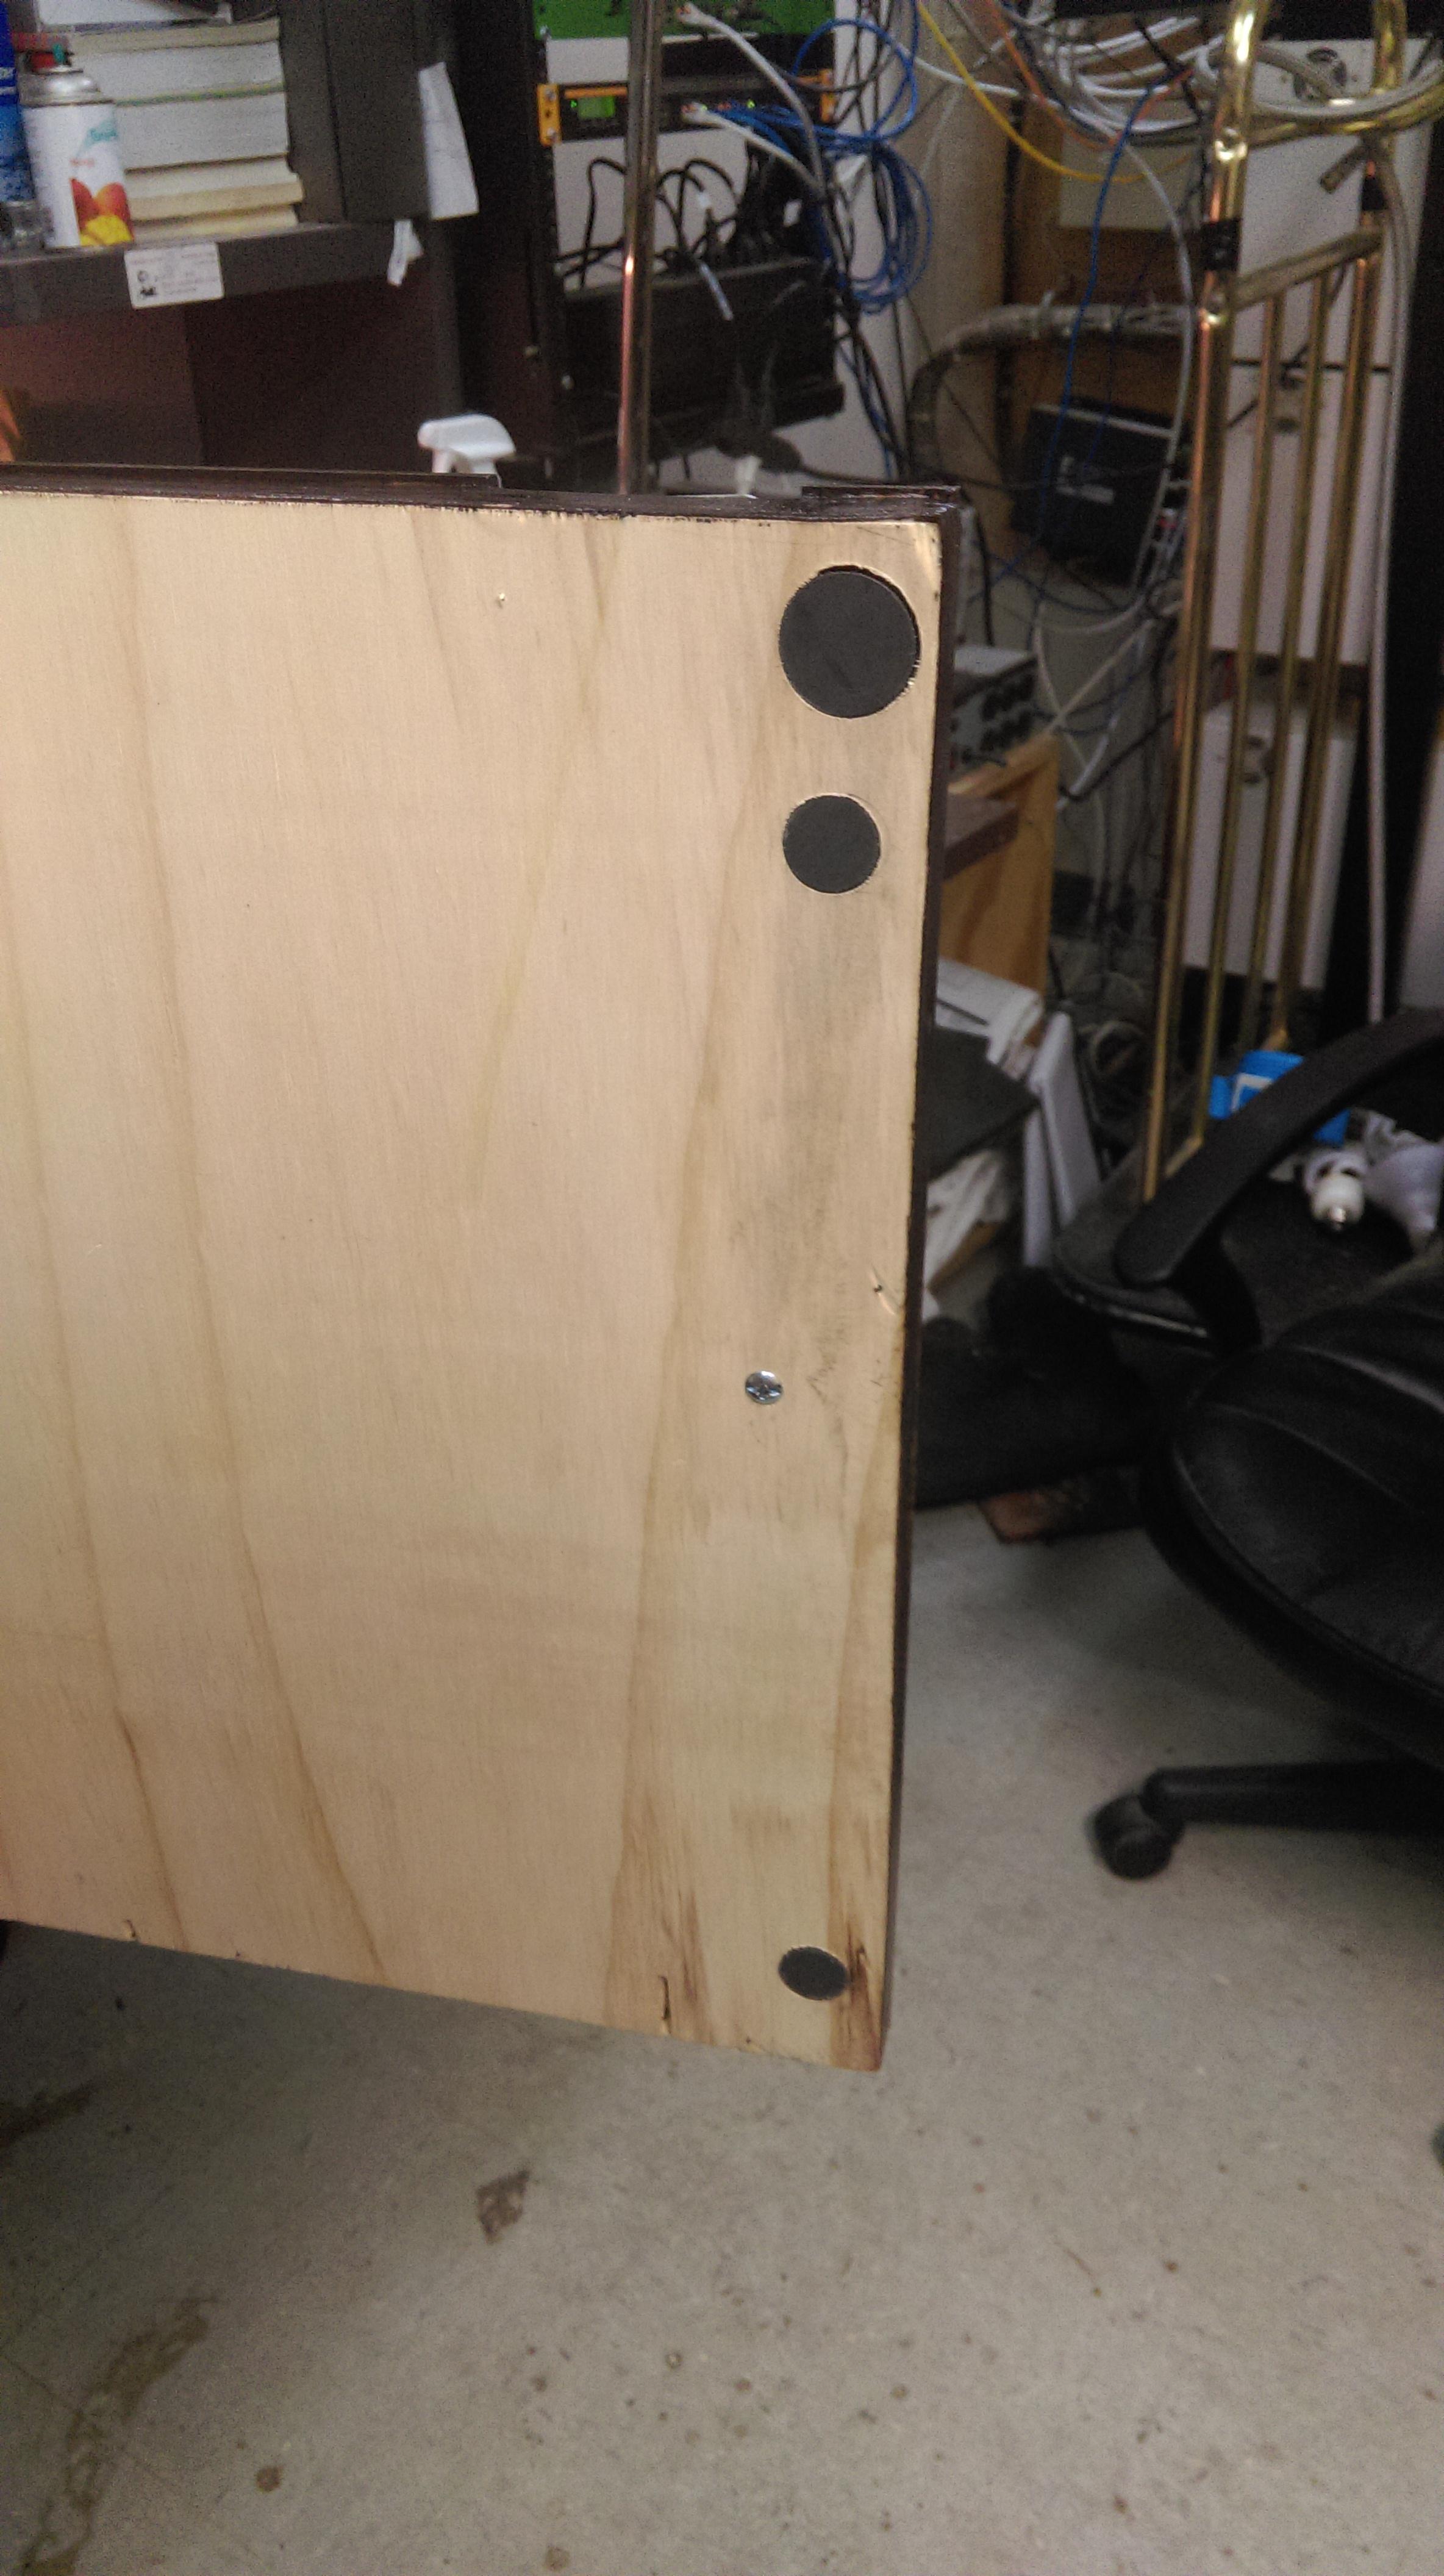 Picture of Top Right Door Magnet